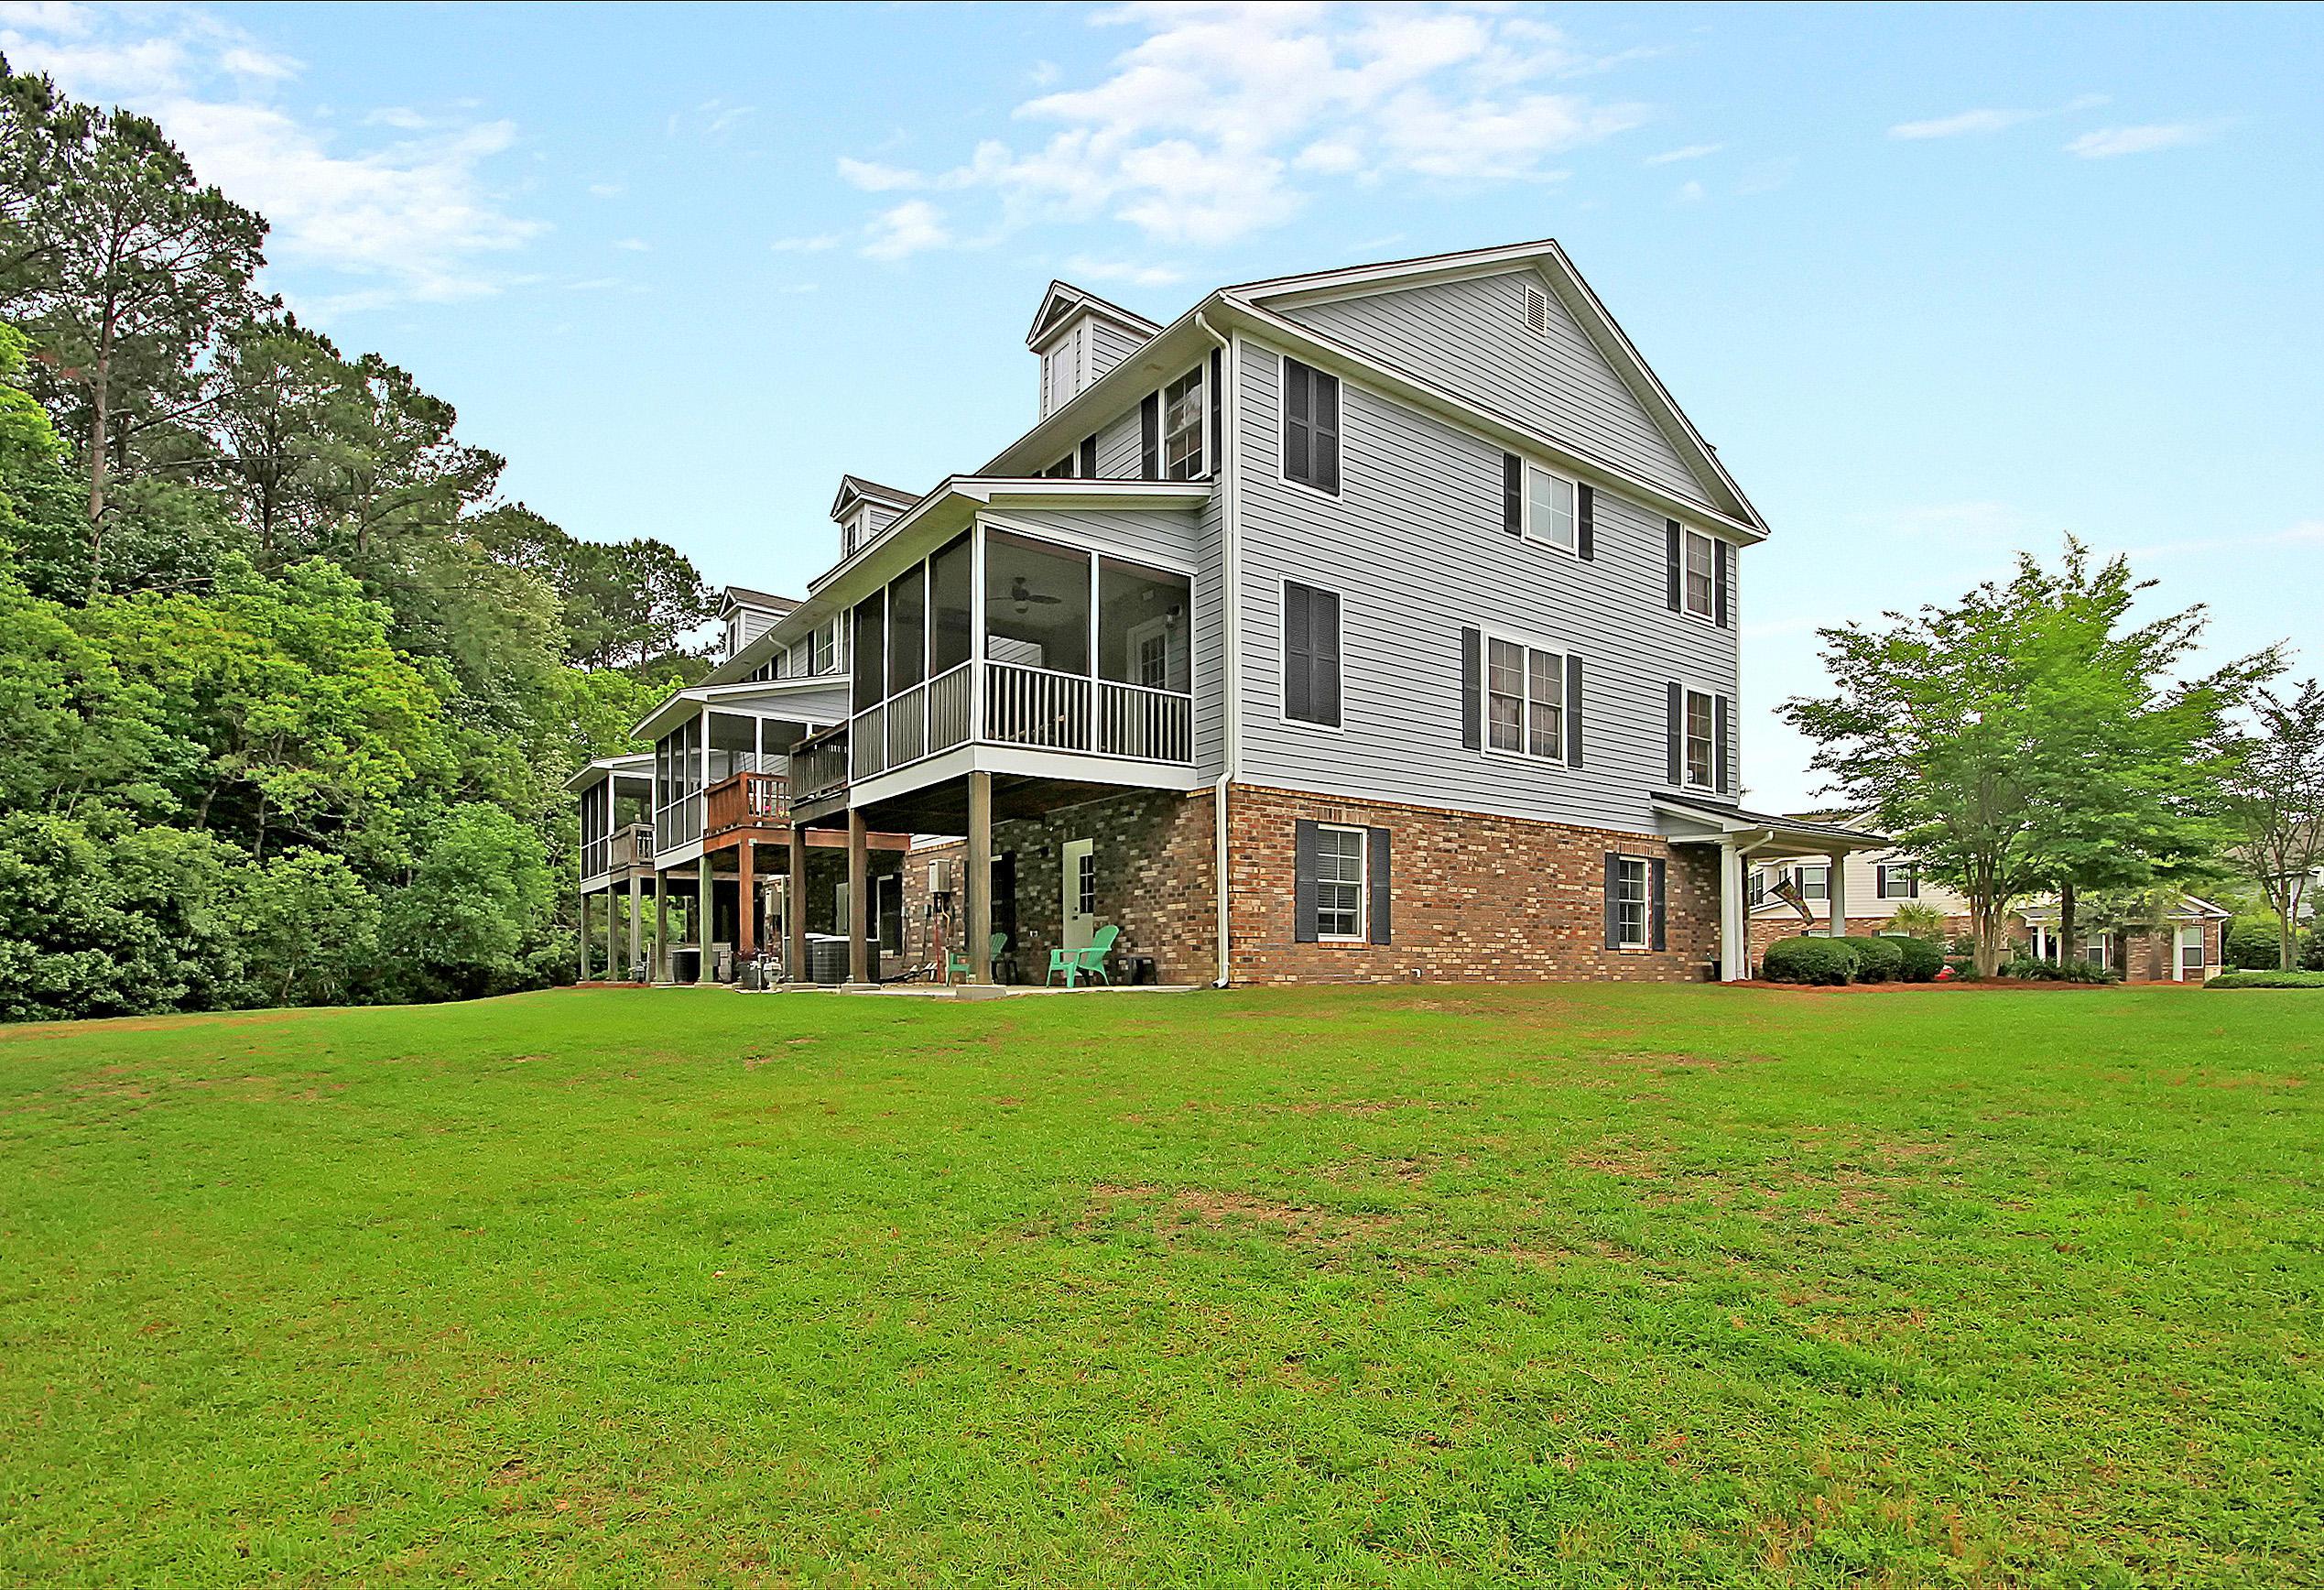 Park West Homes For Sale - 3624 Bagley, Mount Pleasant, SC - 1